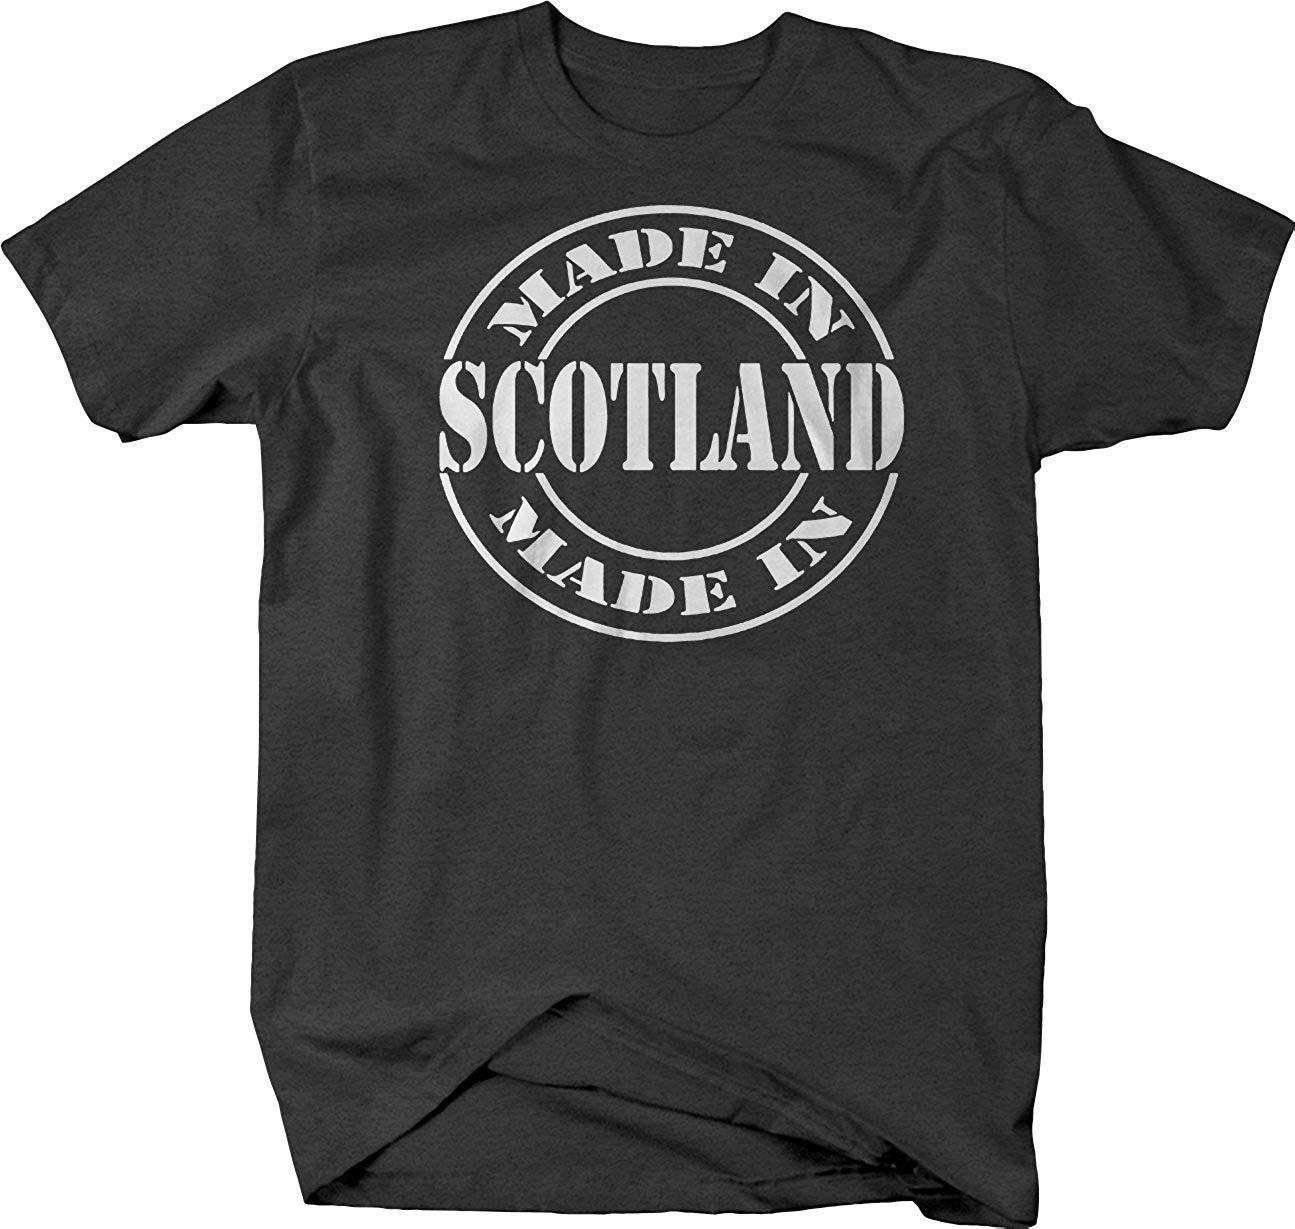 Hecho en Escocia, camiseta de círculo escocés Gaelic, camisetas casuales para adultos, Camiseta 100% de algodón